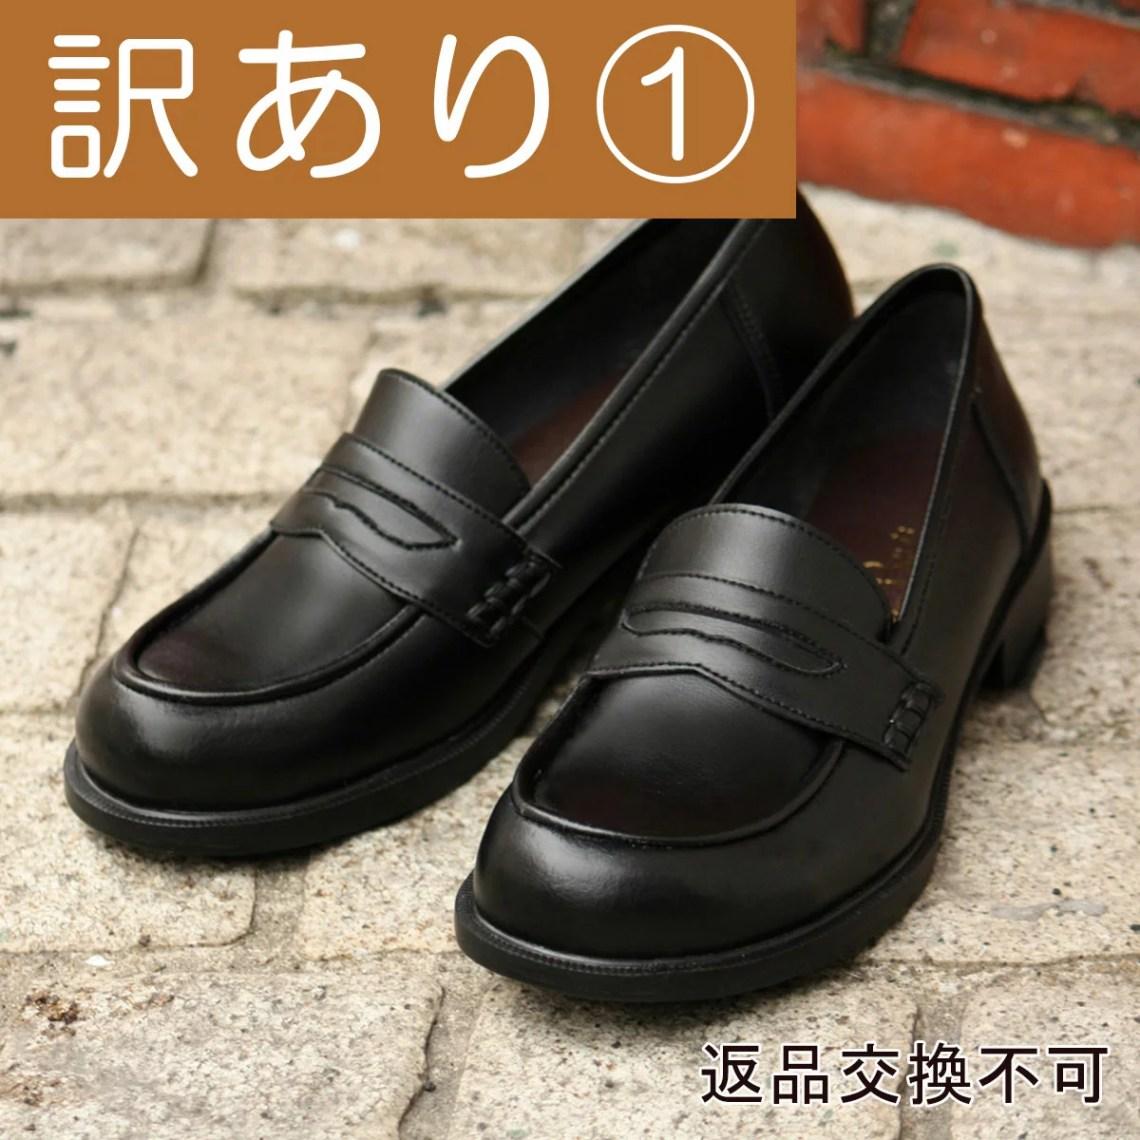 【数量限定★訳あり半額セール】 コインローファー レディース 学生靴 50%OFFセール ZZZ64 ※割引クーポンは全て使用不可 ※返品交